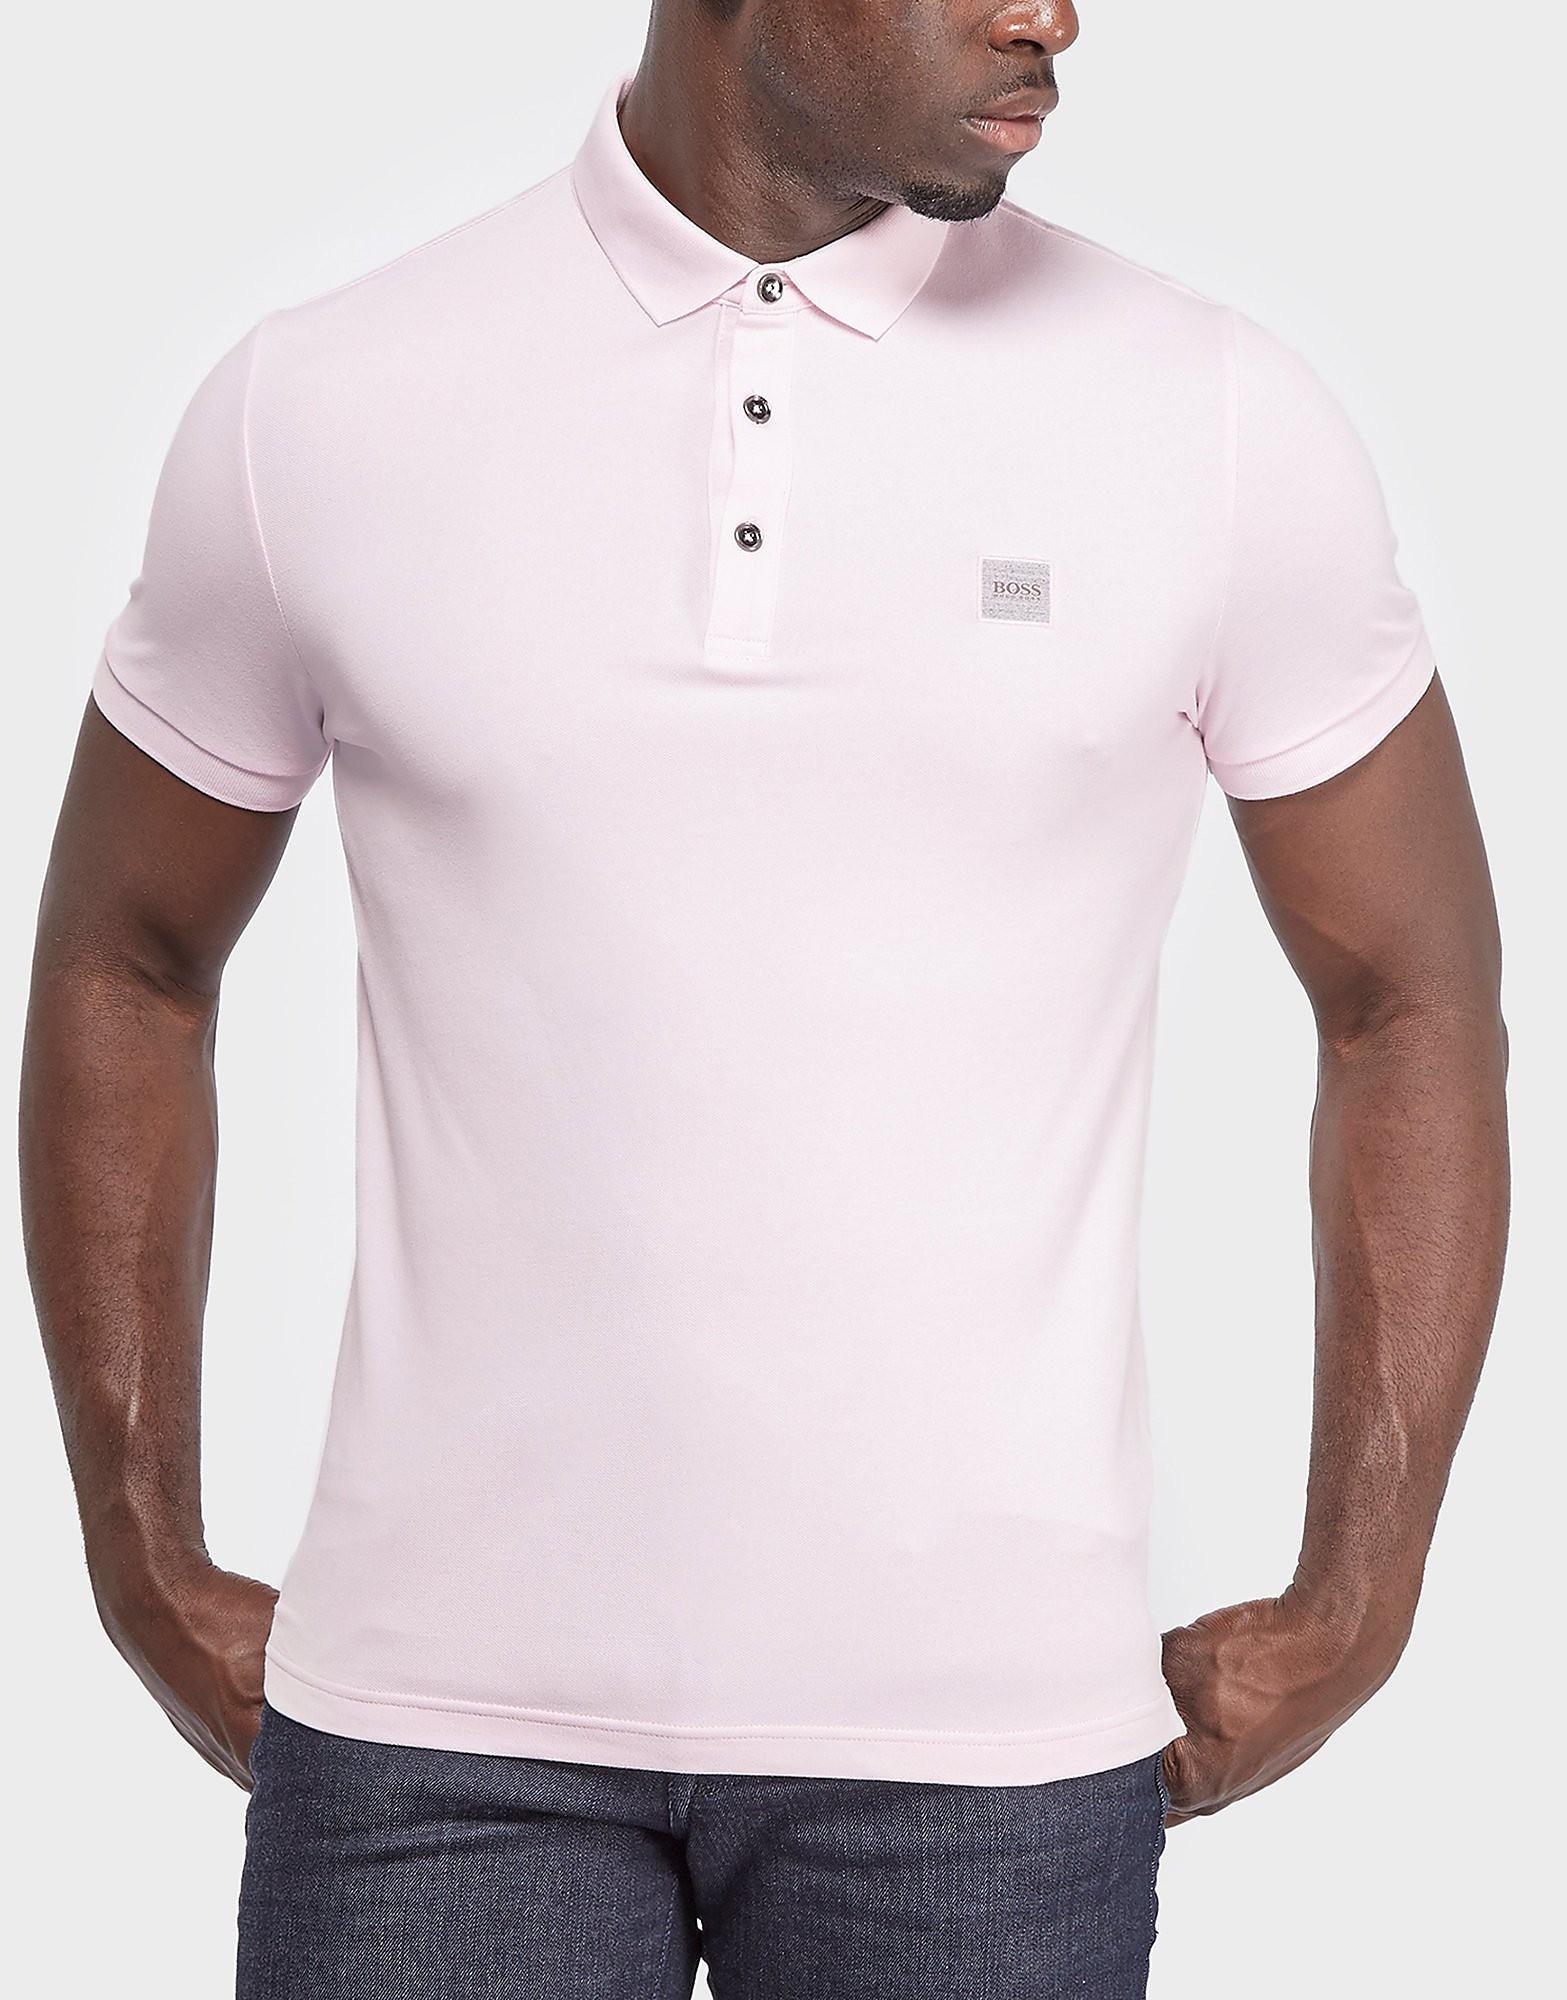 BOSS Orange Pavlik Polo Shirt  Pink Pink